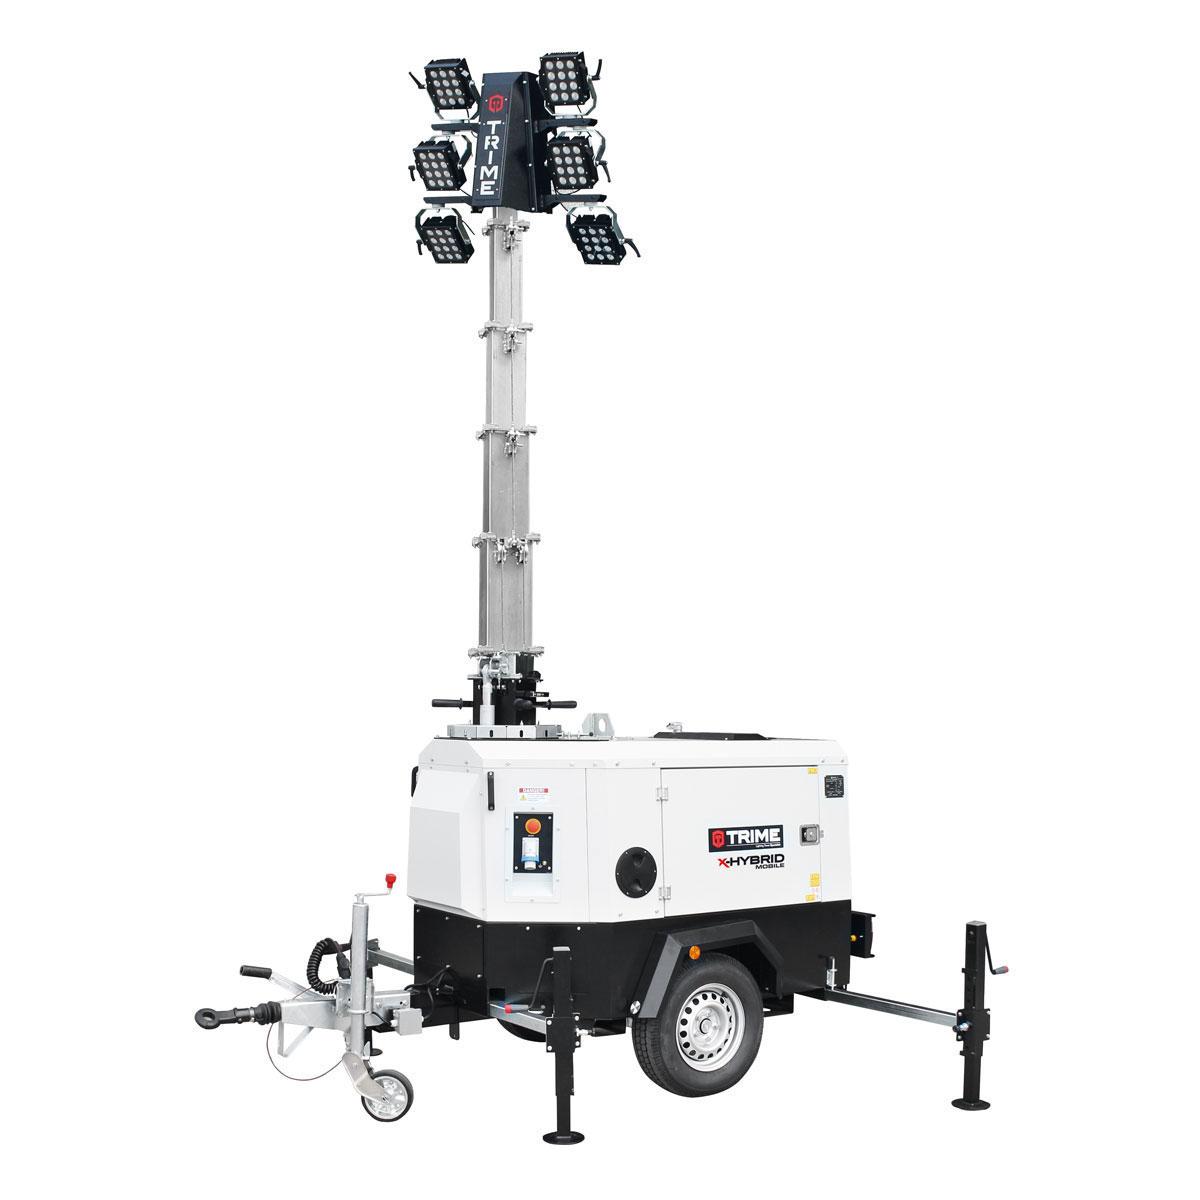 mobilais-prozektoru-masts-led-x-hybrid-6x150W-atverta-pozicija